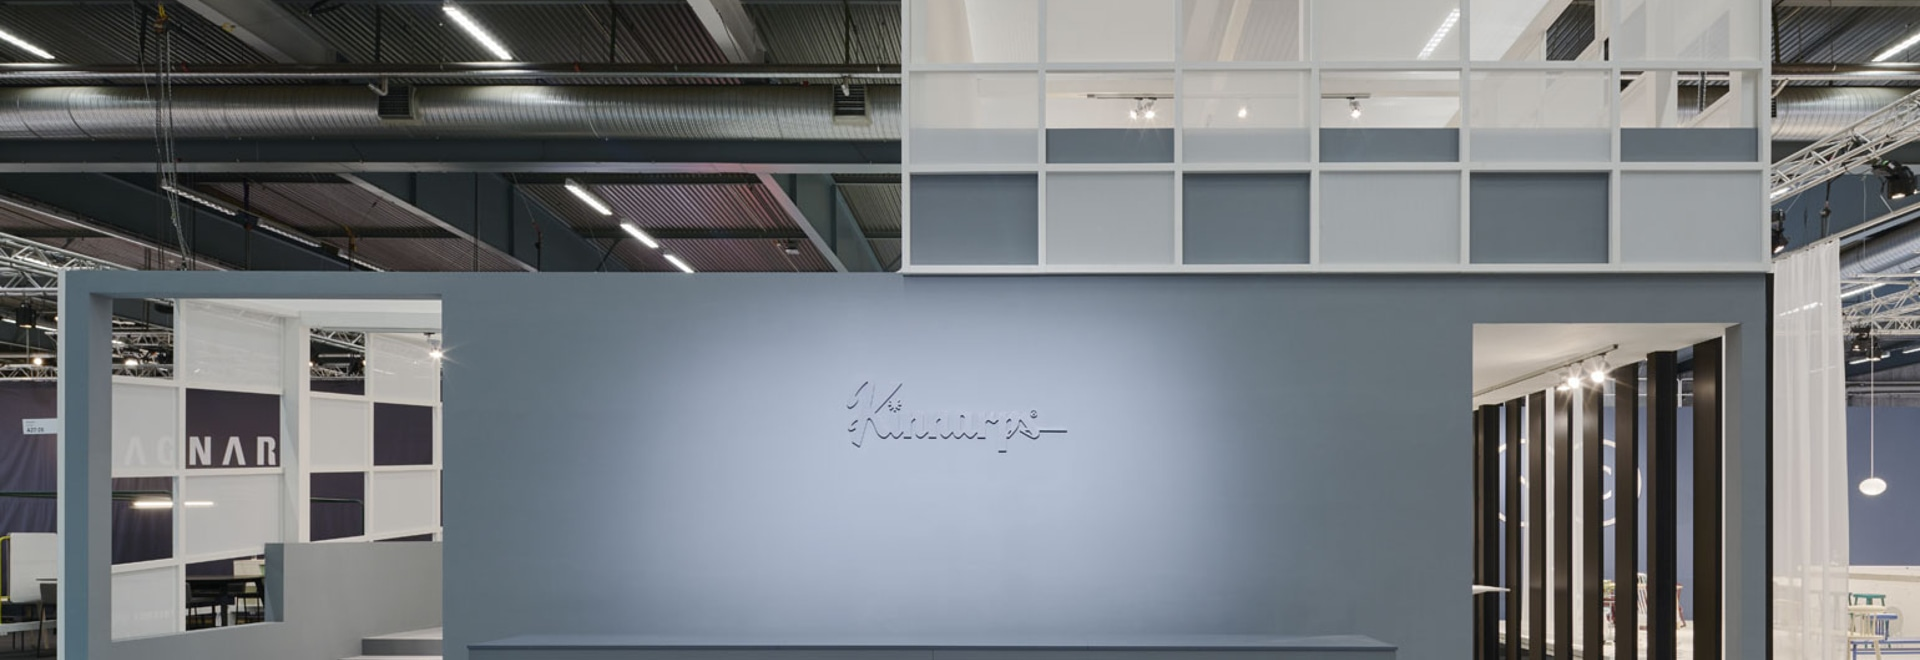 Traumbüro: Nichetto Studio verursacht ein Haus aus Kinnarps neuer ...